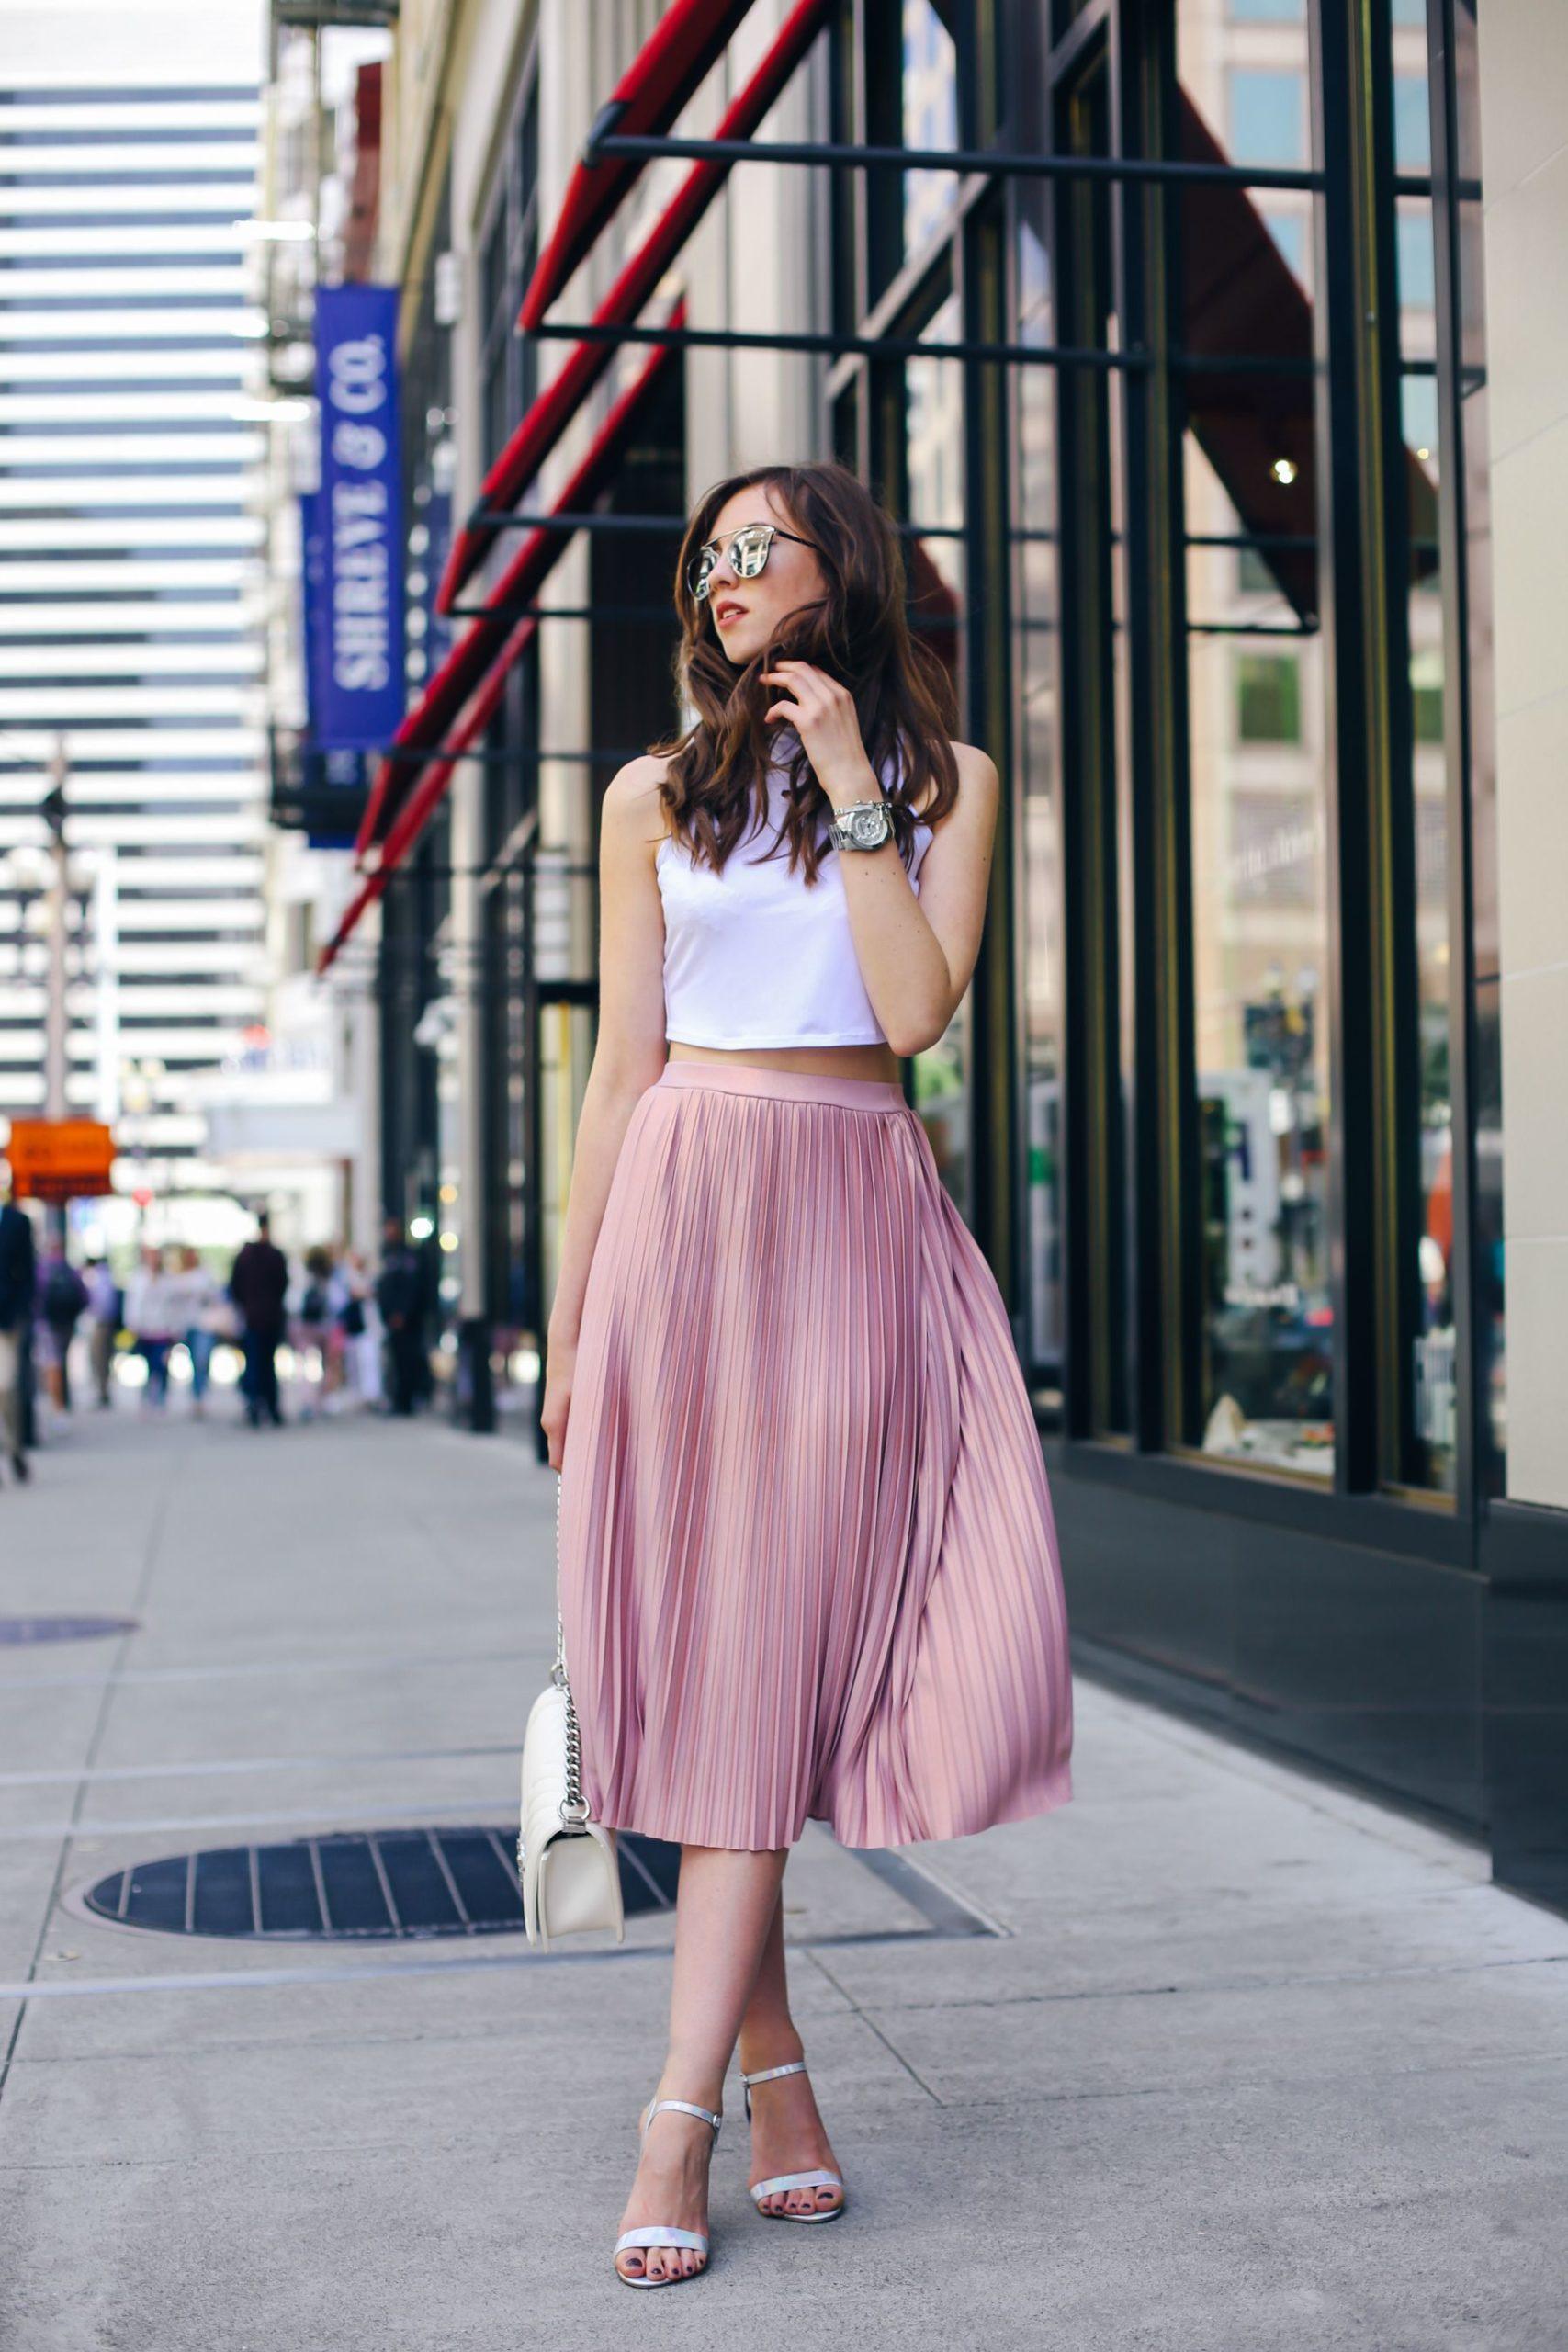 Pleated pink skirt idea